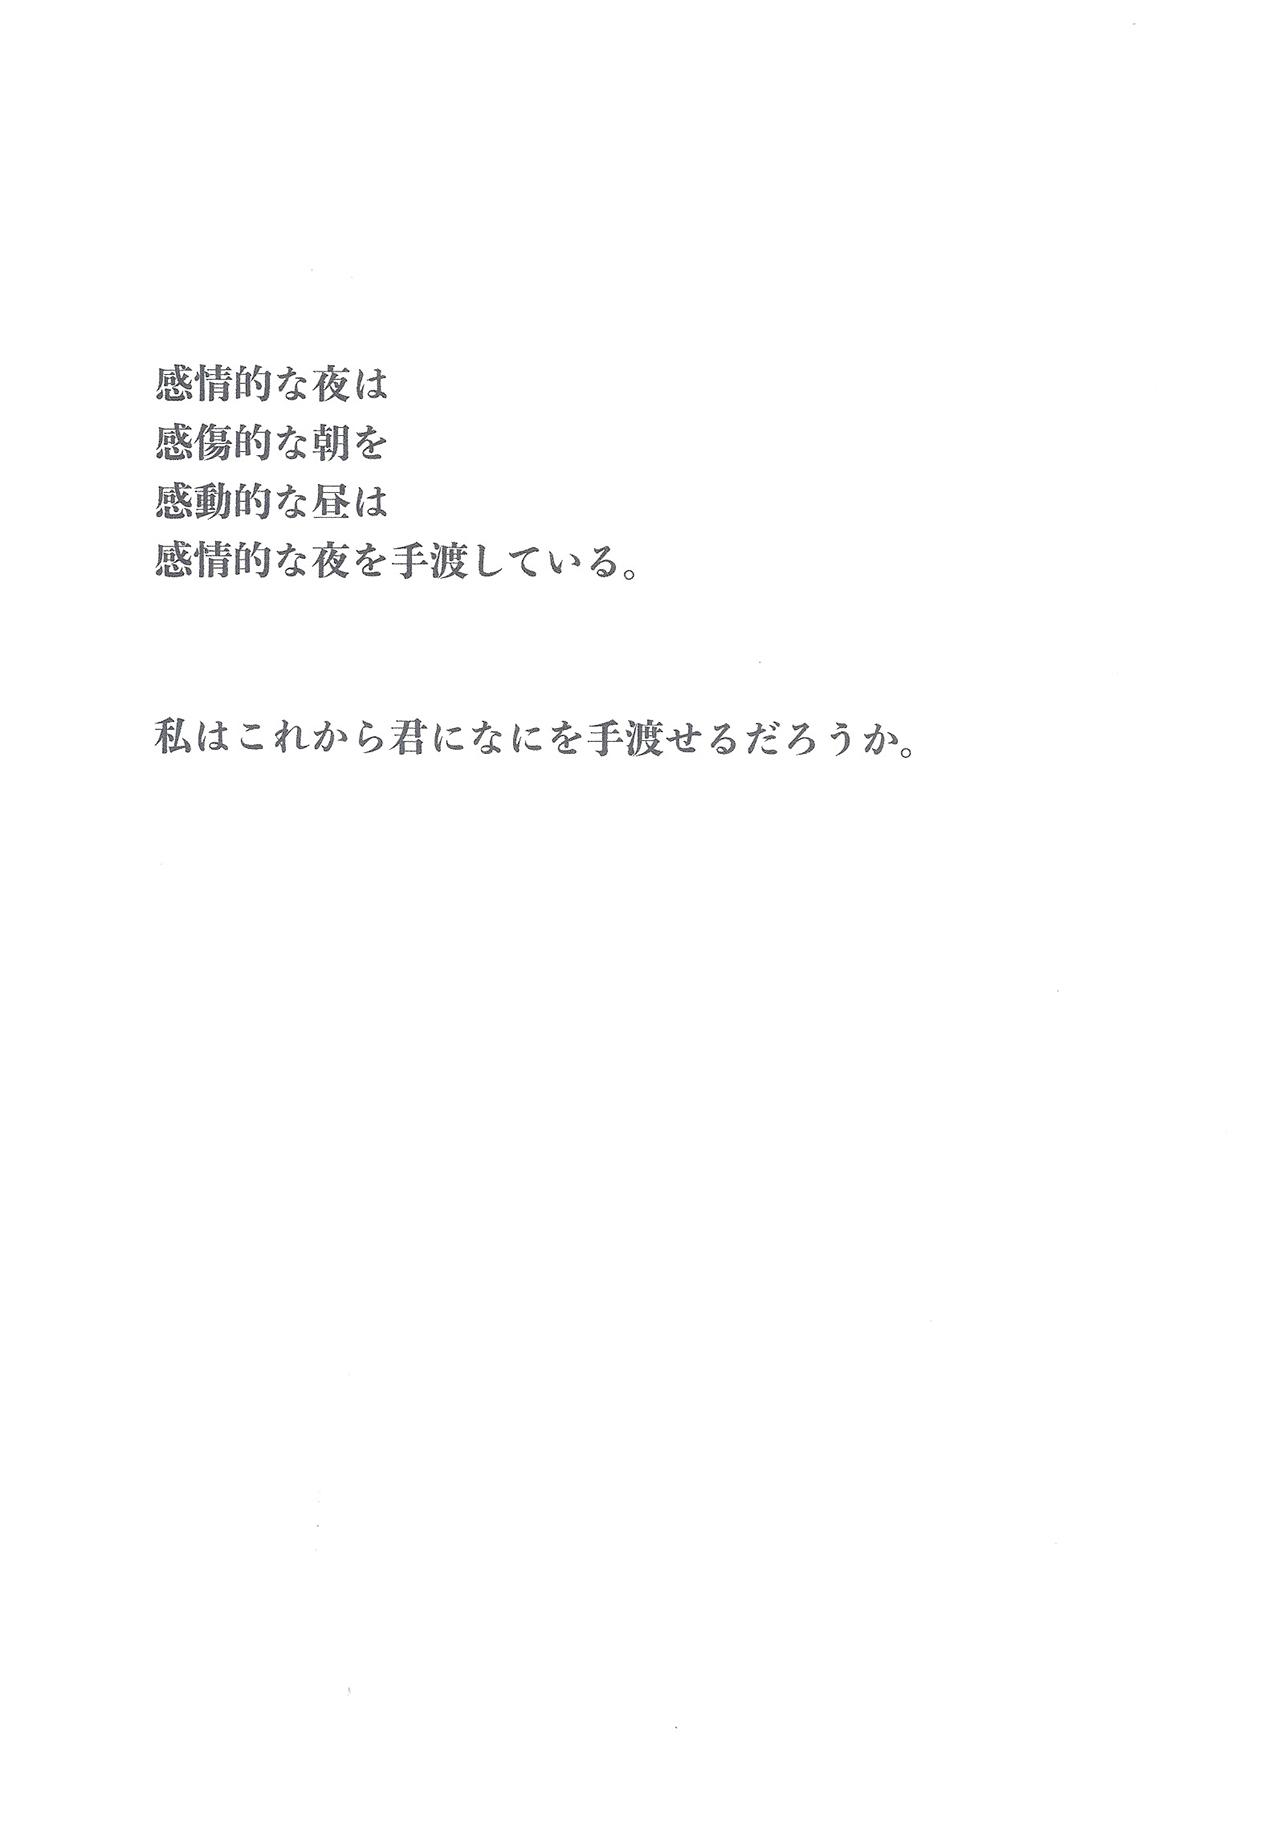 常盤奈央 |Nao Tokiwa